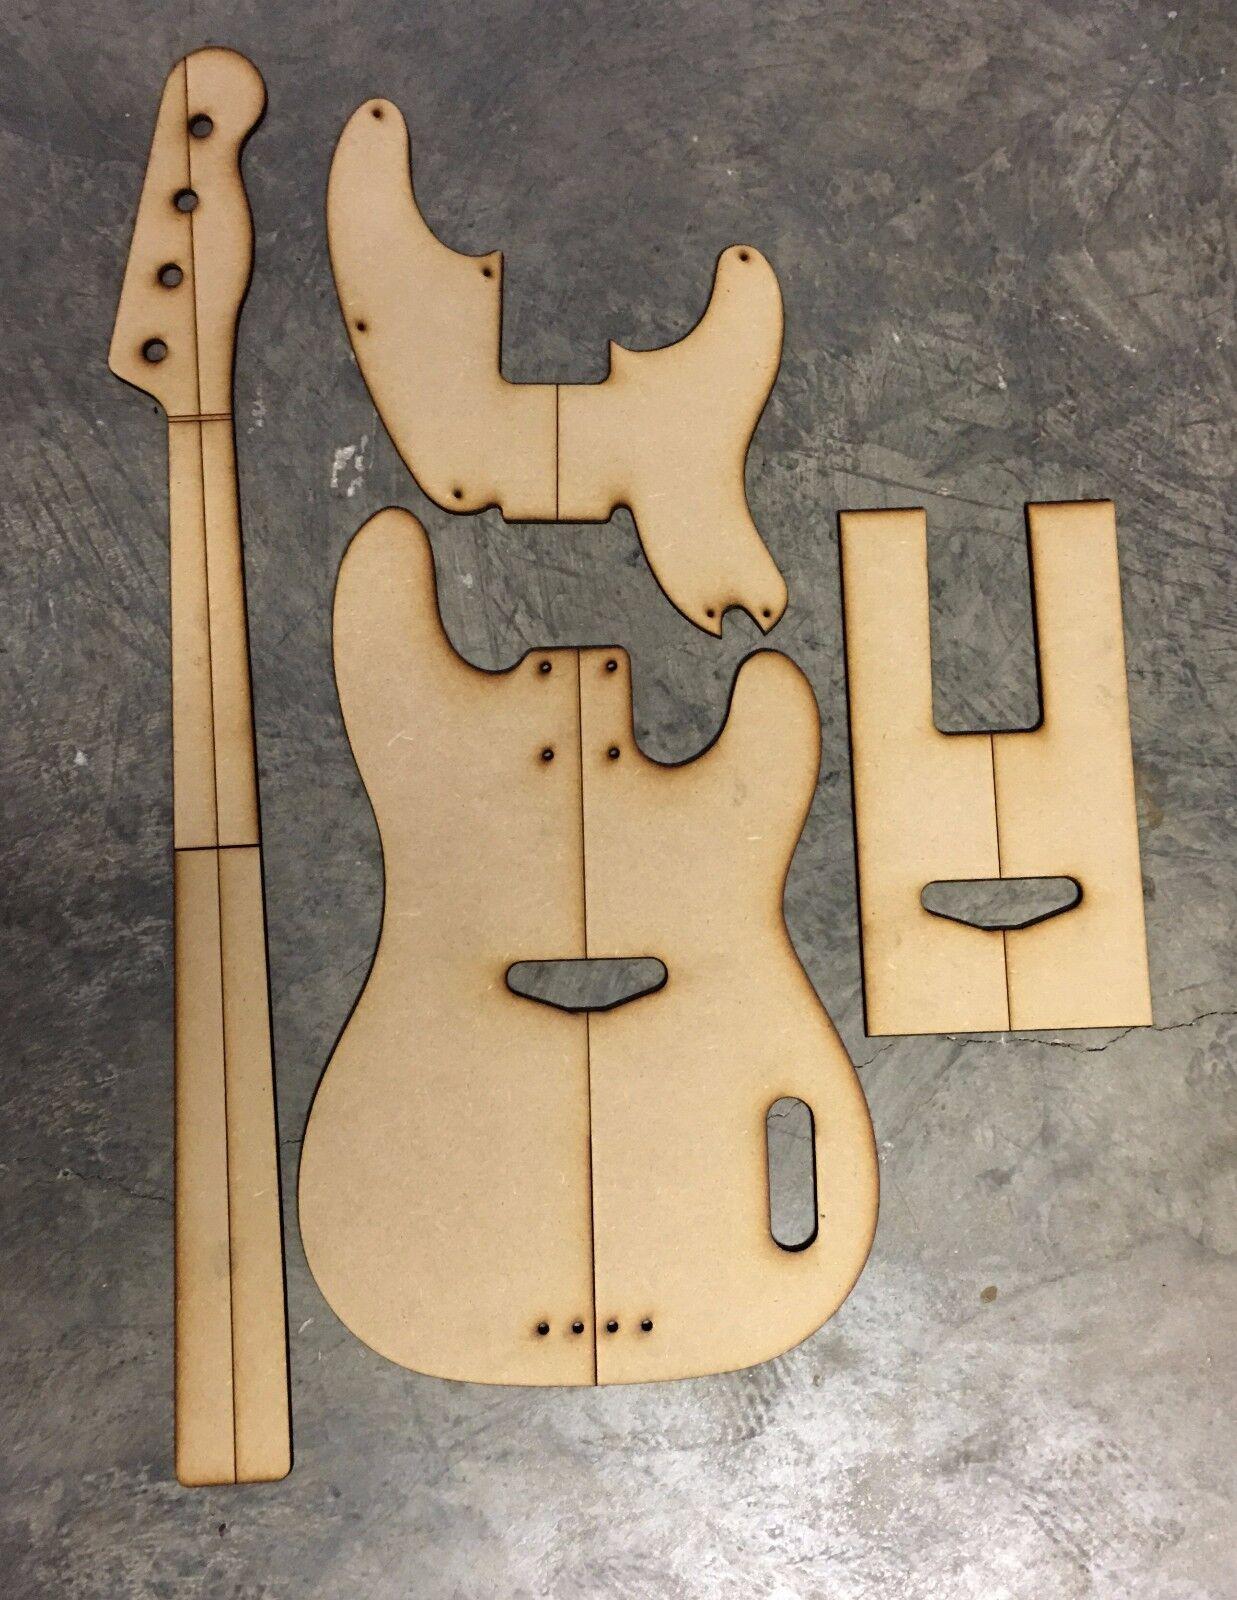 51 Precision Bass (Tele bajo) Luthier enrutamiento Plantillas de de de construcción  oferta de tienda